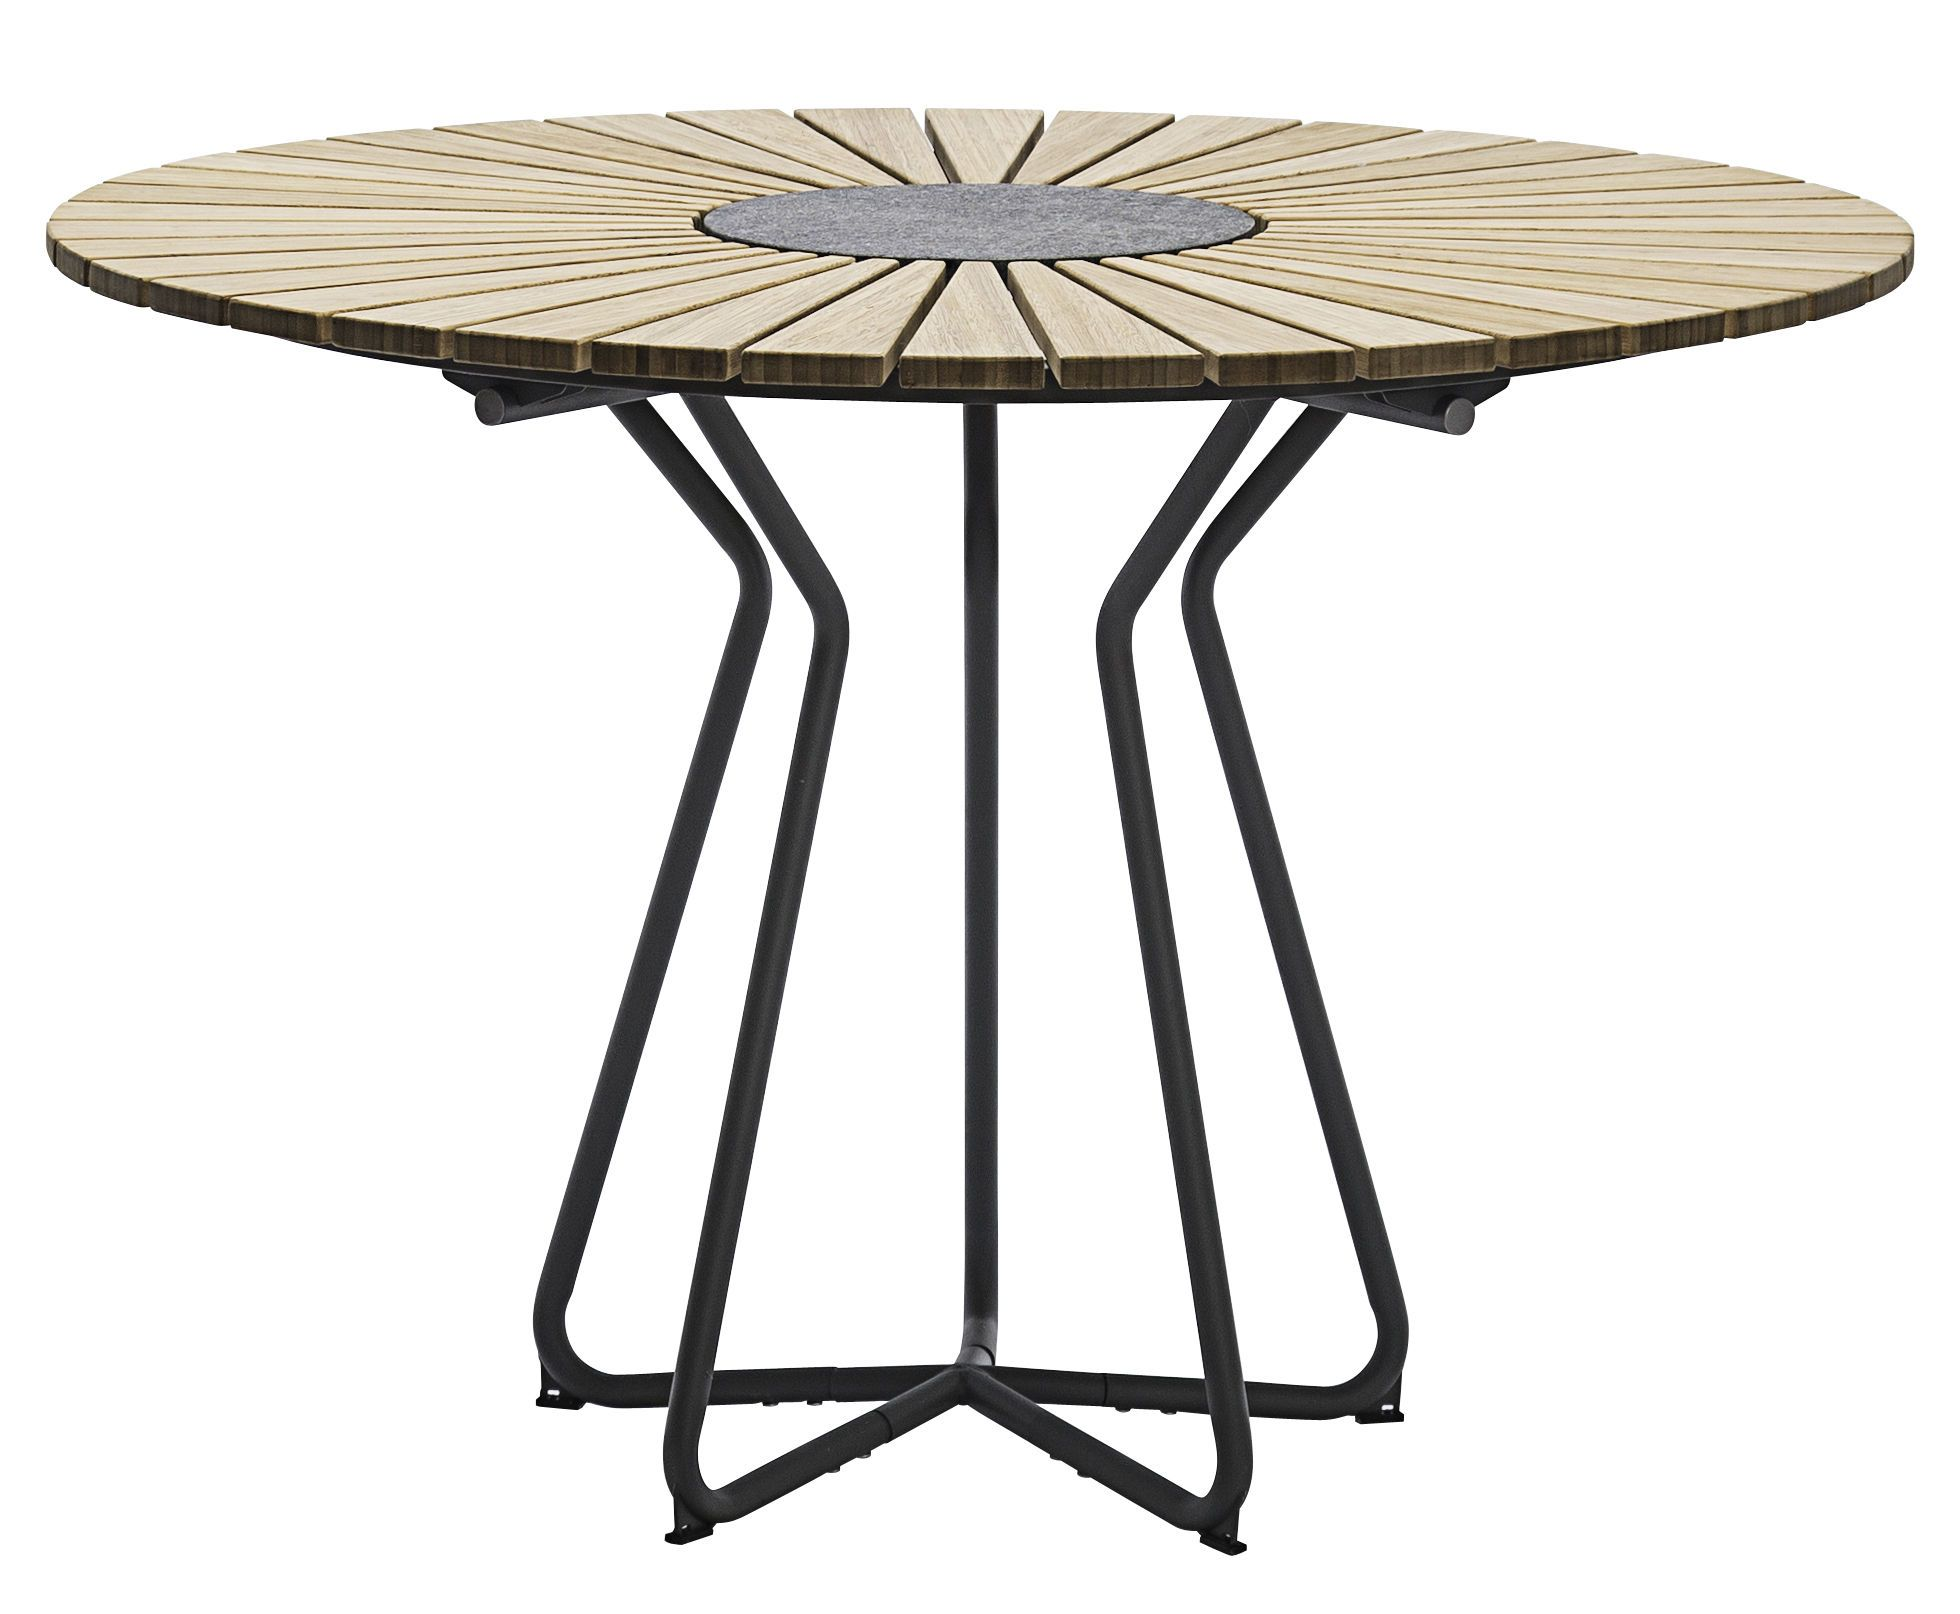 Houe Circle Round Table Grey Natural Wood Made In Design Uk Gartentisch Gartentisch Holz Gartentisch Rund Metall